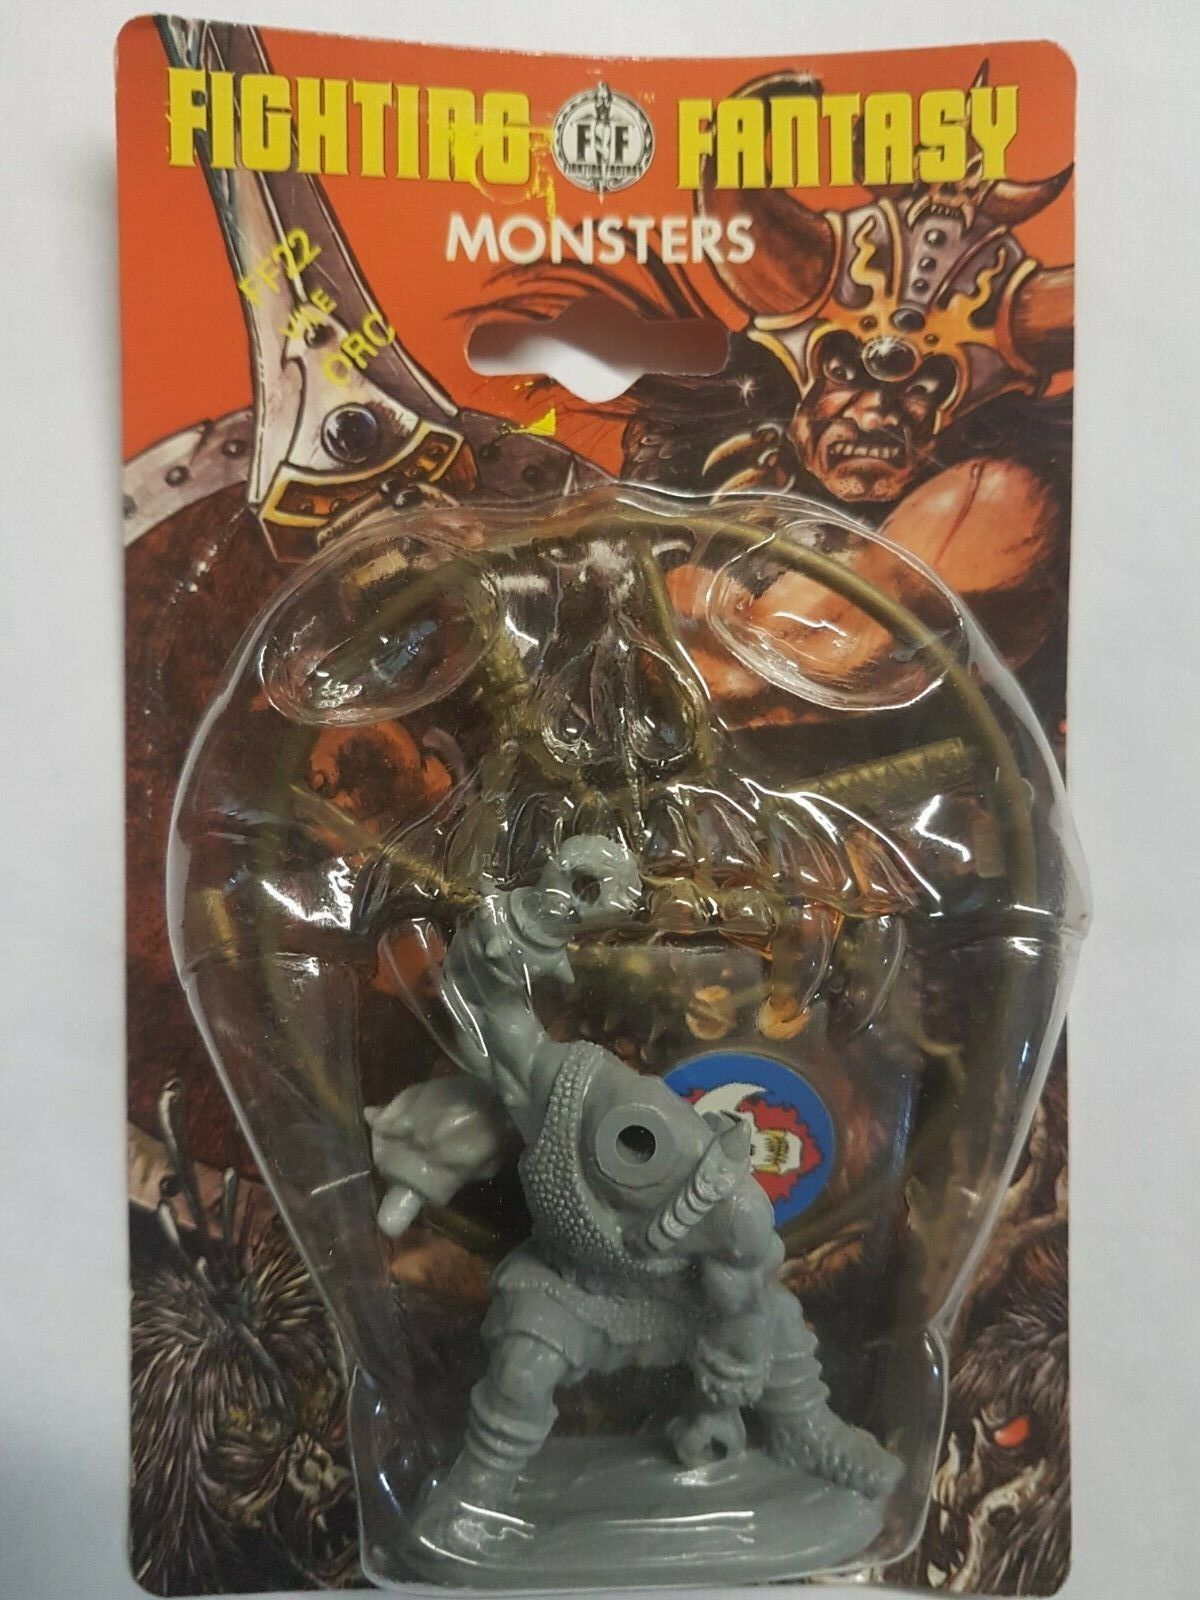 FF22 viles orcos-Lucha Fantasía Monstruos-Games Workshop-Sellado